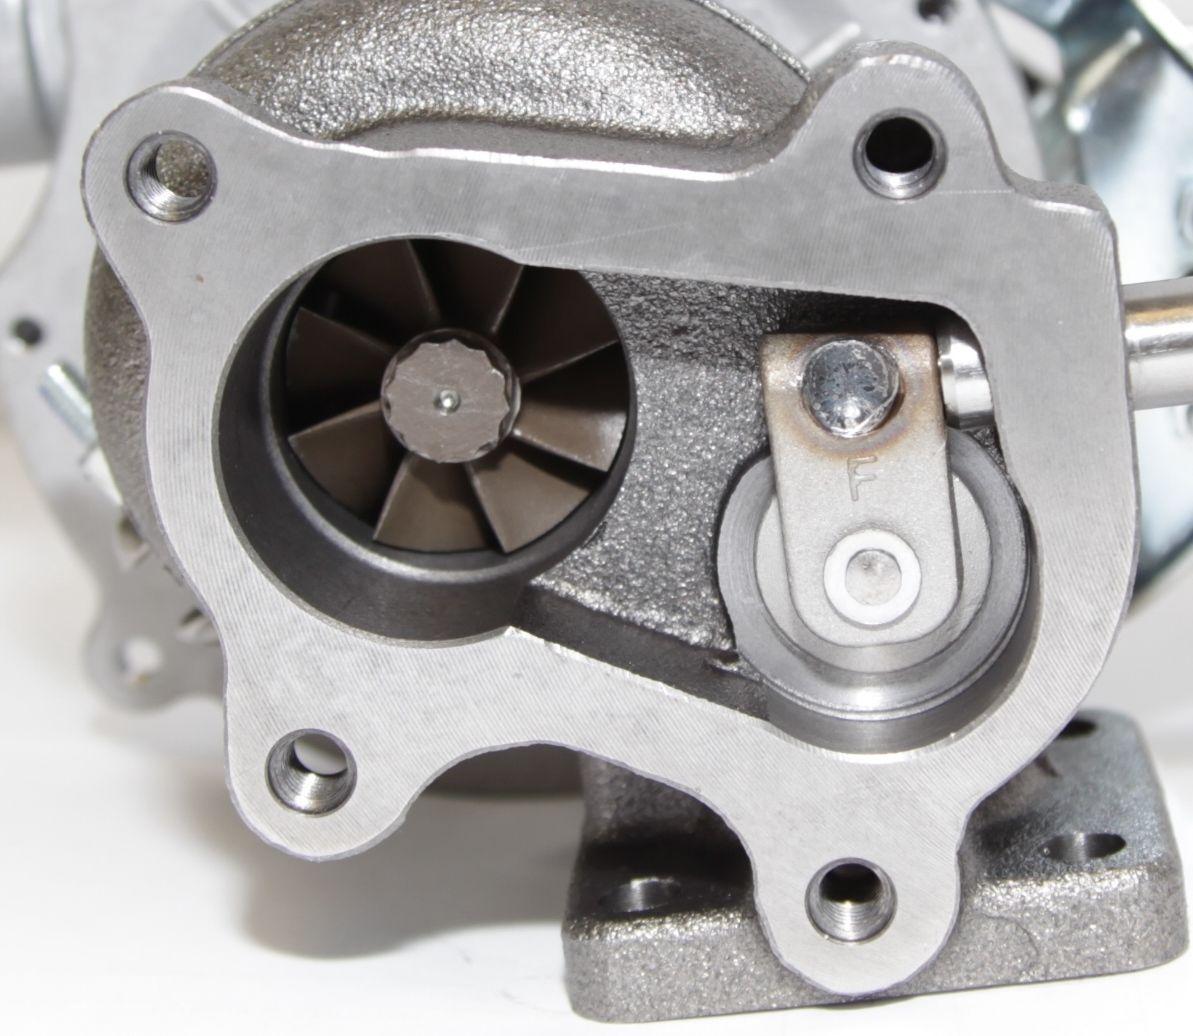 ReRing Kit w//Full Gasket Set Rings Bearings FITS 63-72 Ford SBF 289 4.7L /& 302 5.0L V8